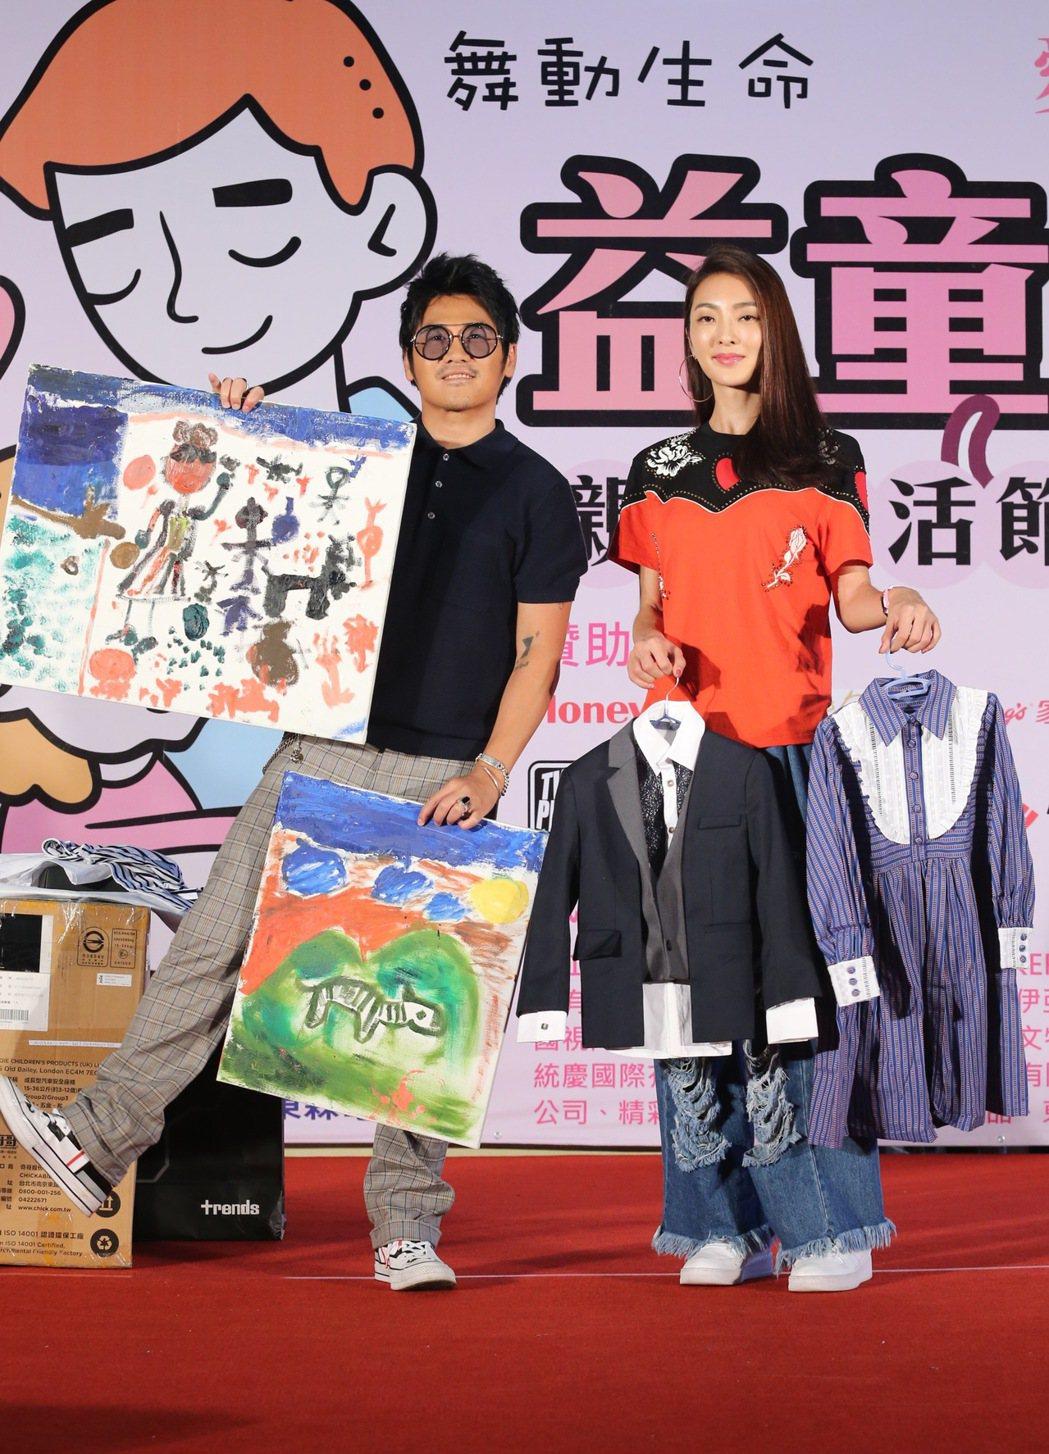 藝人曹格(左)、吳速玲(右)夫婦出席公益活動,捐出孩子的畫作、衣物進行愛心義賣公...